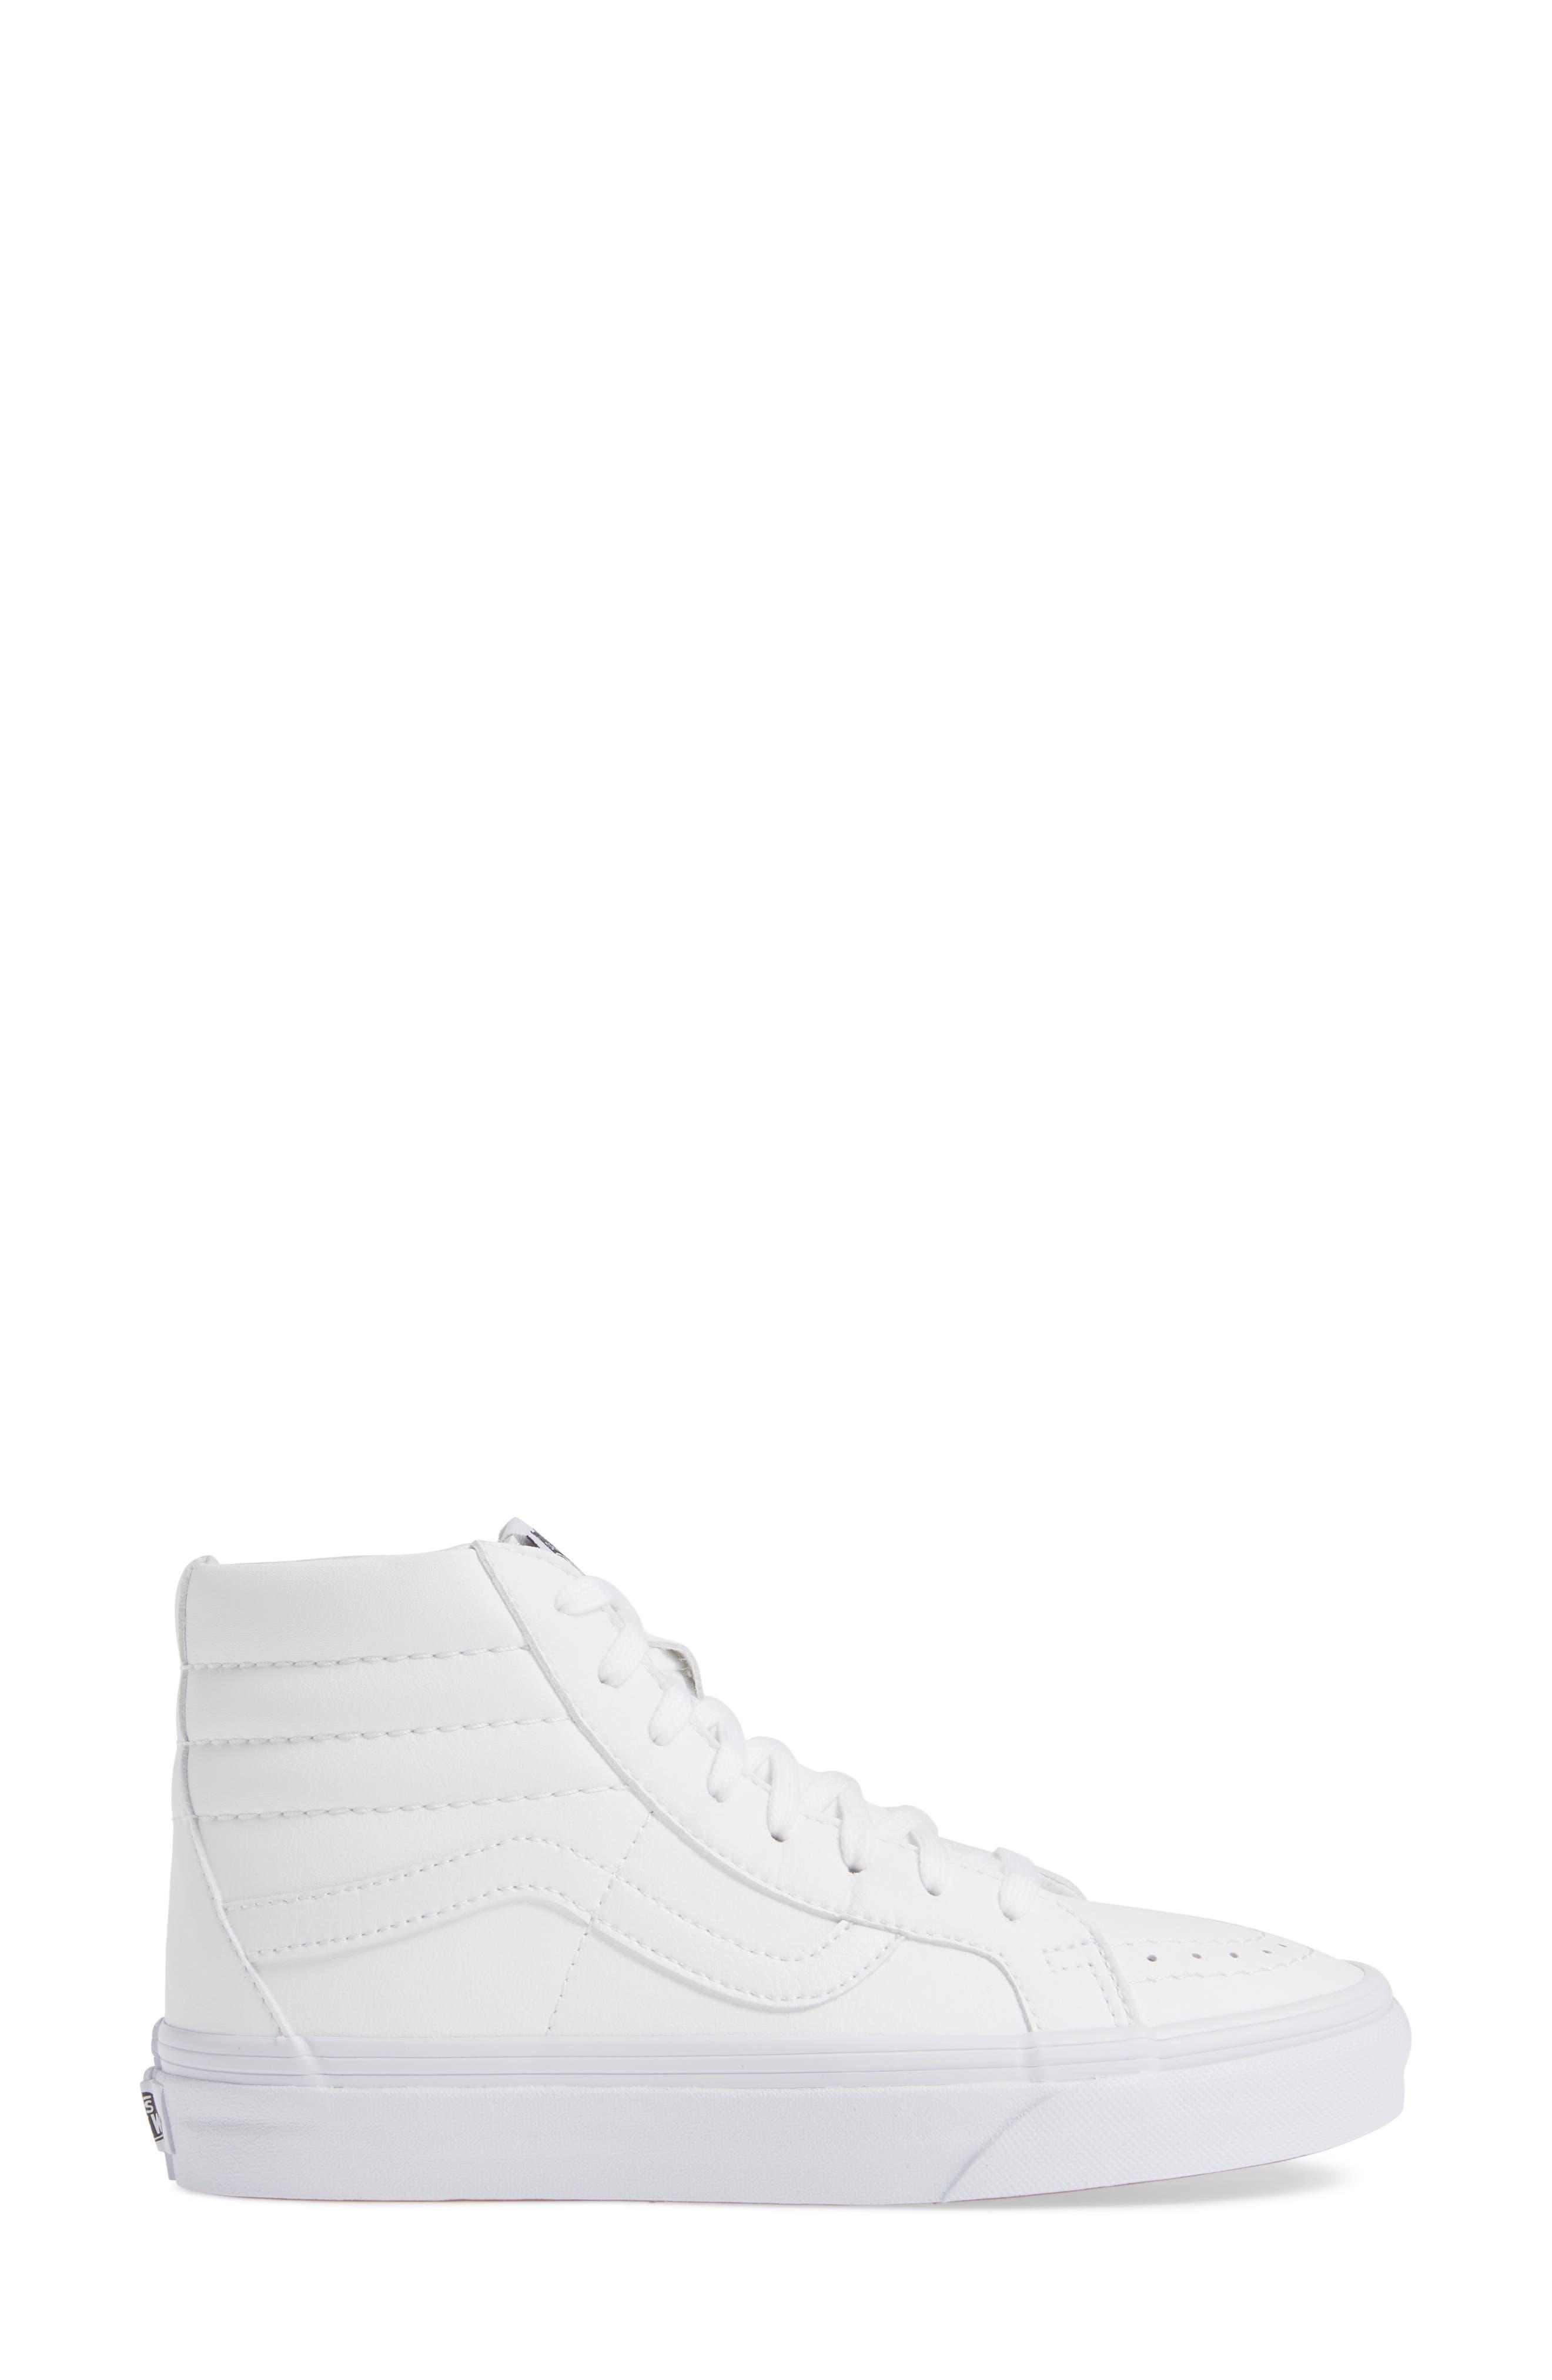 VANS, 'Sk8-Hi Reissue' Sneaker, Alternate thumbnail 3, color, TRUE WHITE